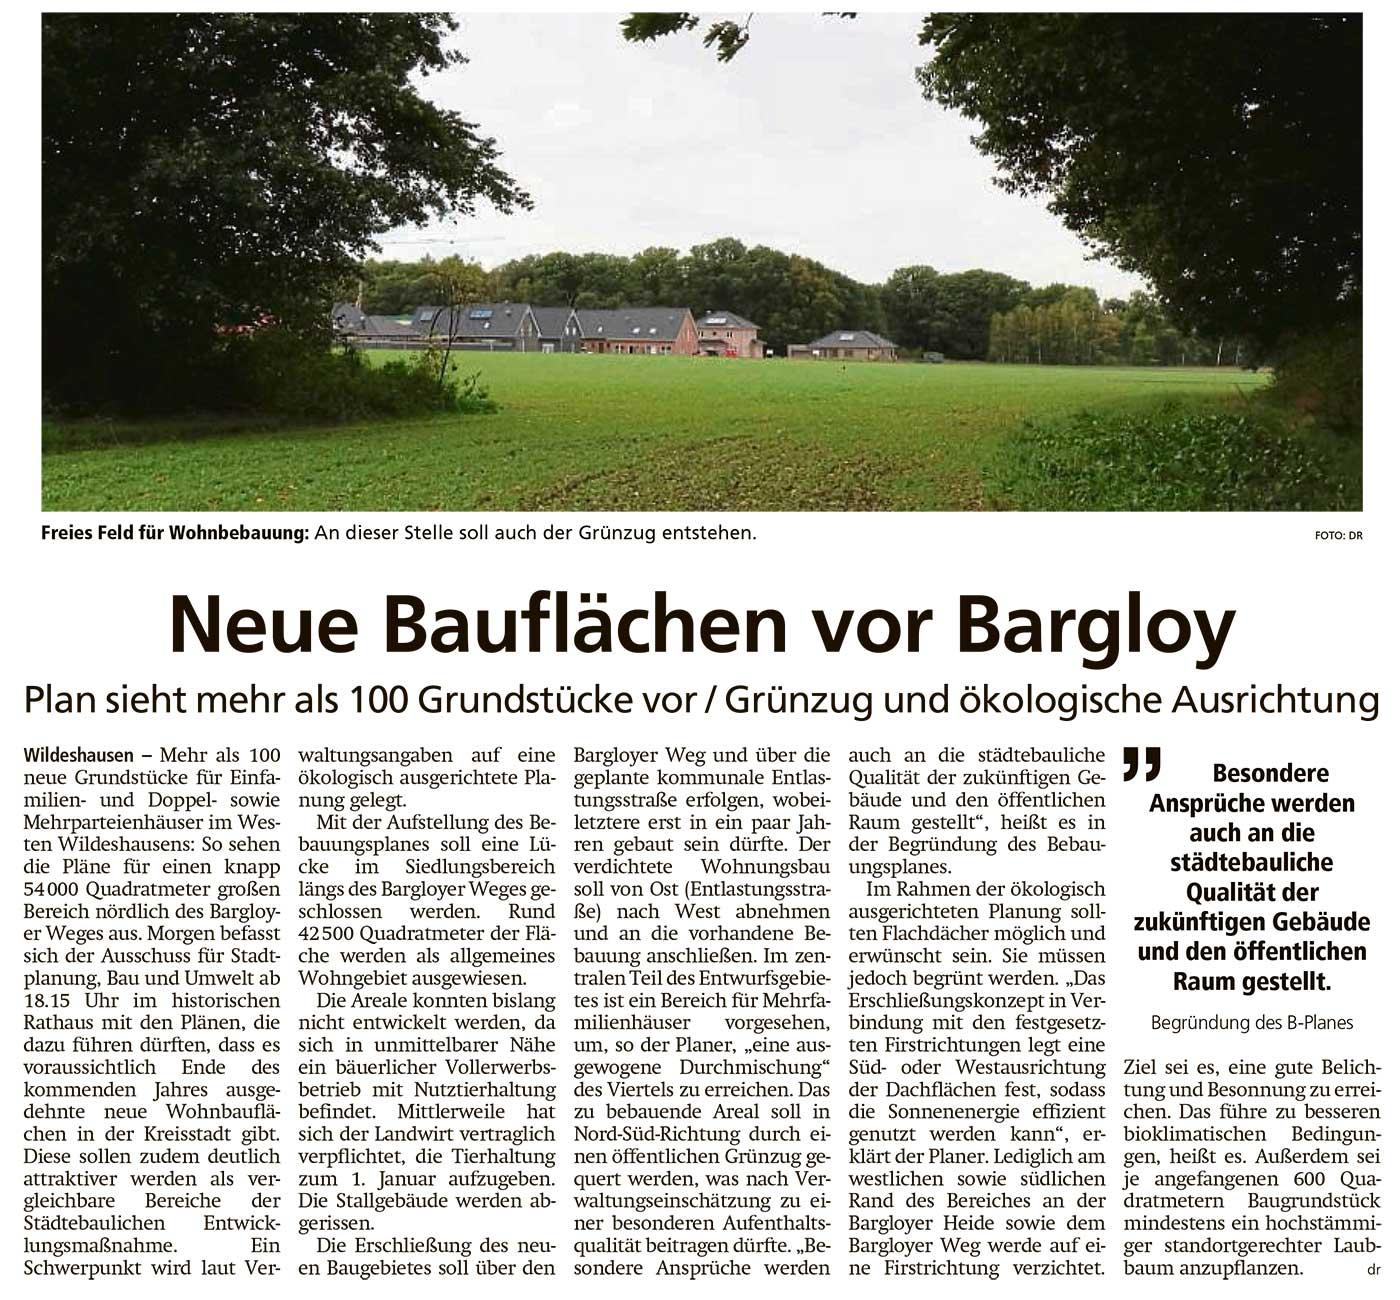 Neue Bauflächen vor BargloyPlan sieht mehr als 100 Grundstücke vor / Grünzeug und ökologische AusrichtungArtikel vom 06.10.2020 (WZ)